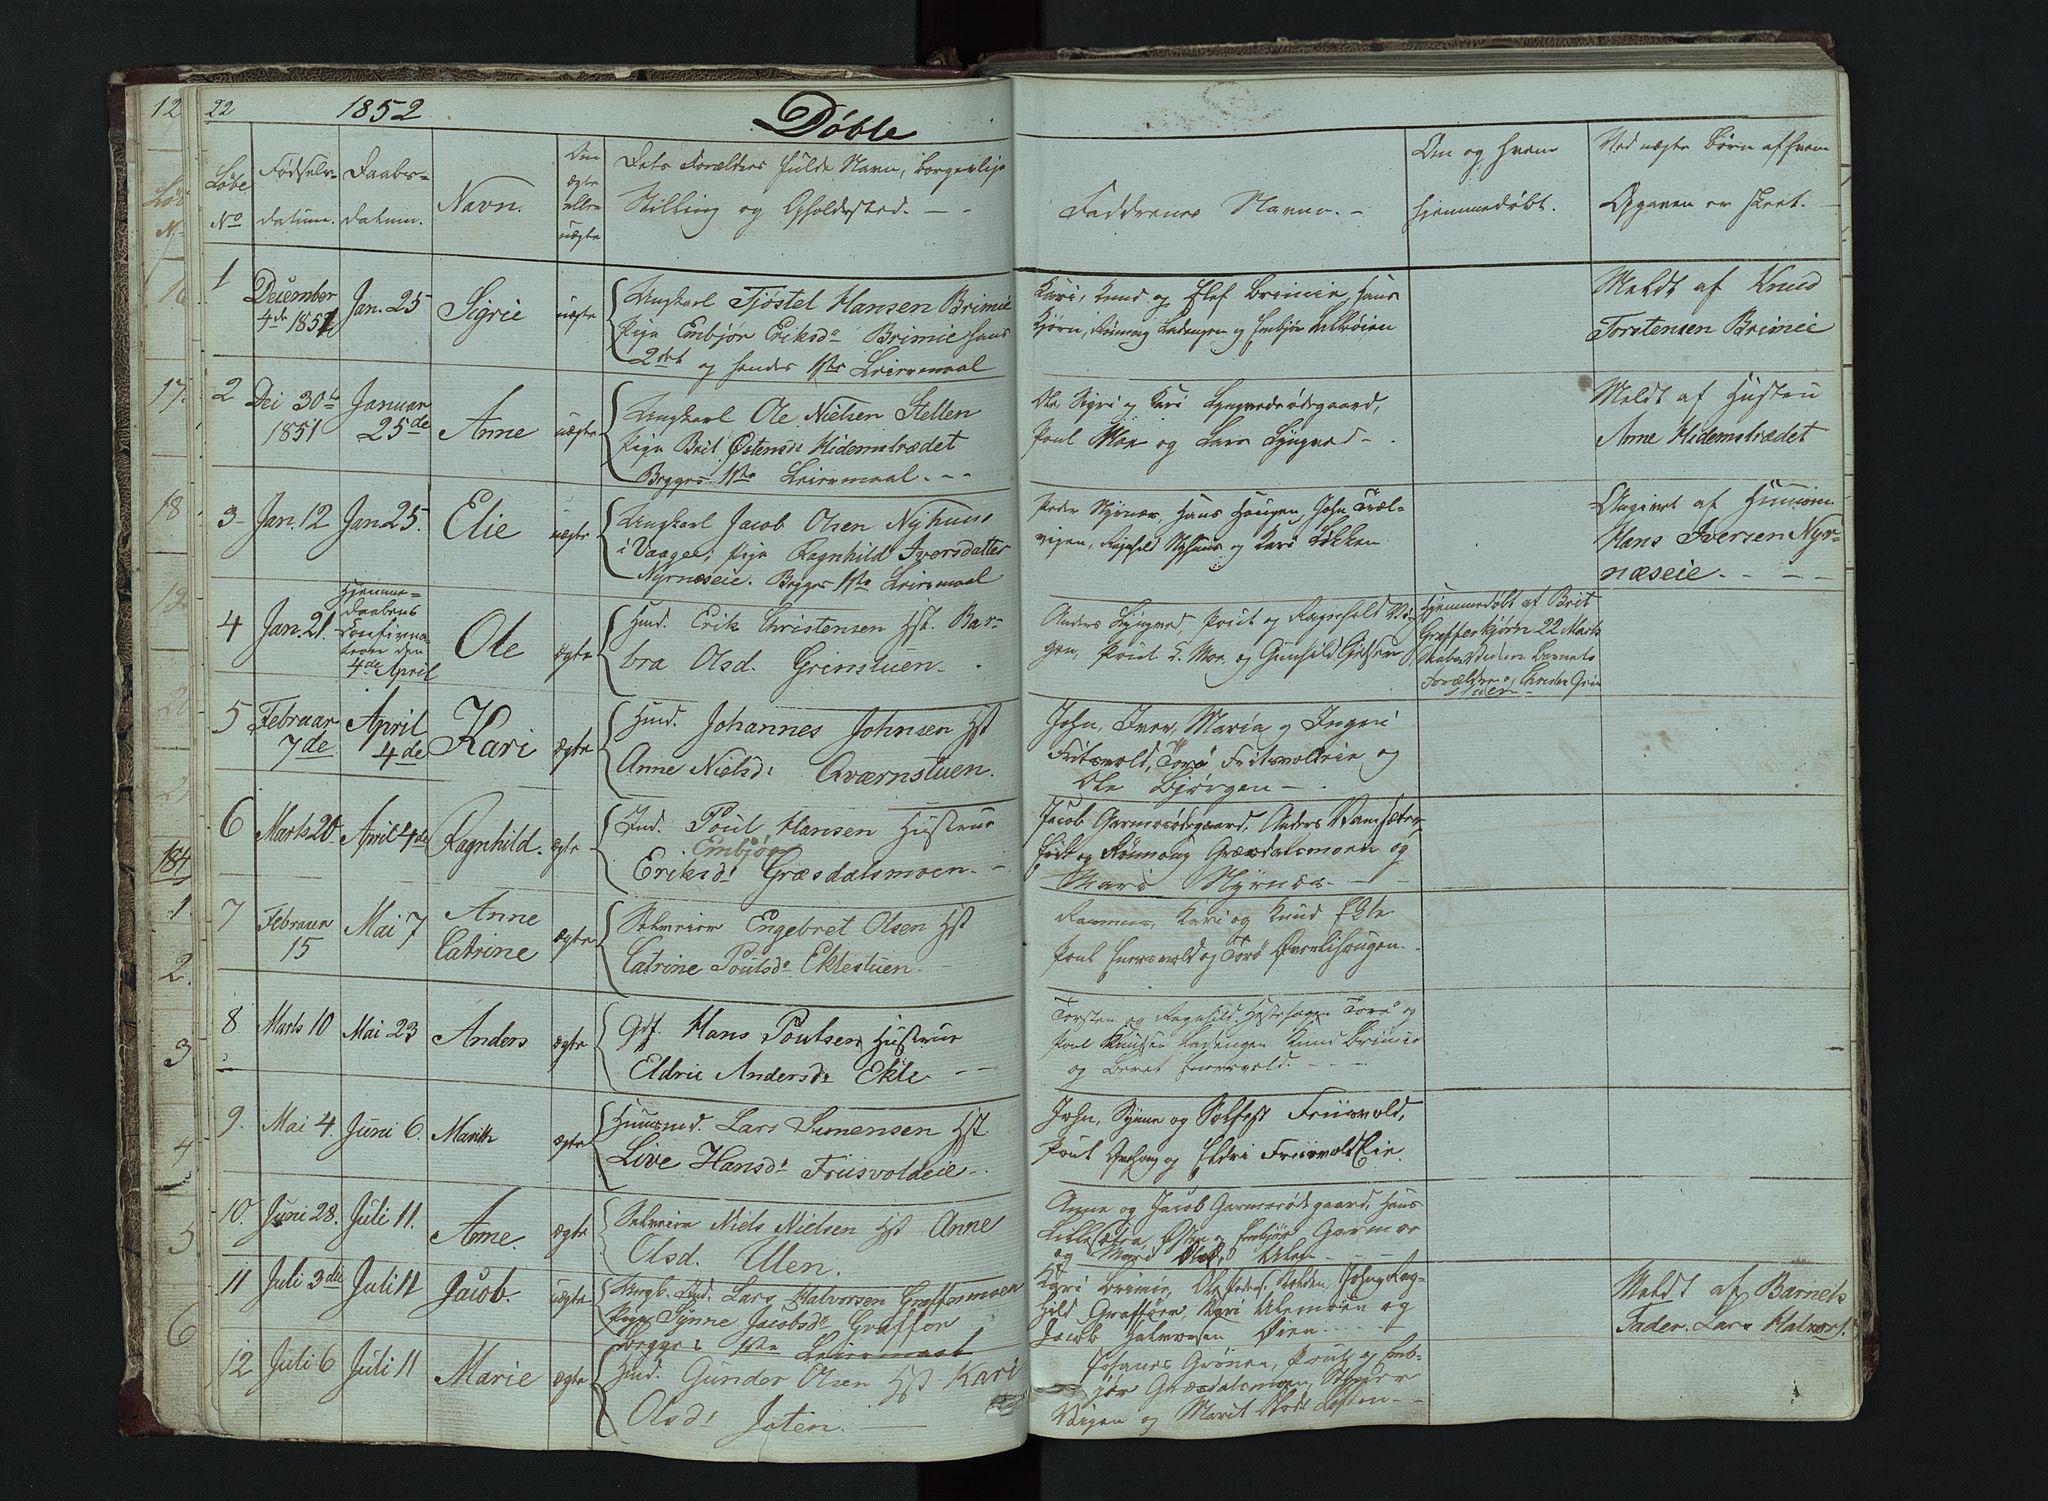 SAH, Lom prestekontor, L/L0014: Klokkerbok nr. 14, 1845-1876, s. 22-23